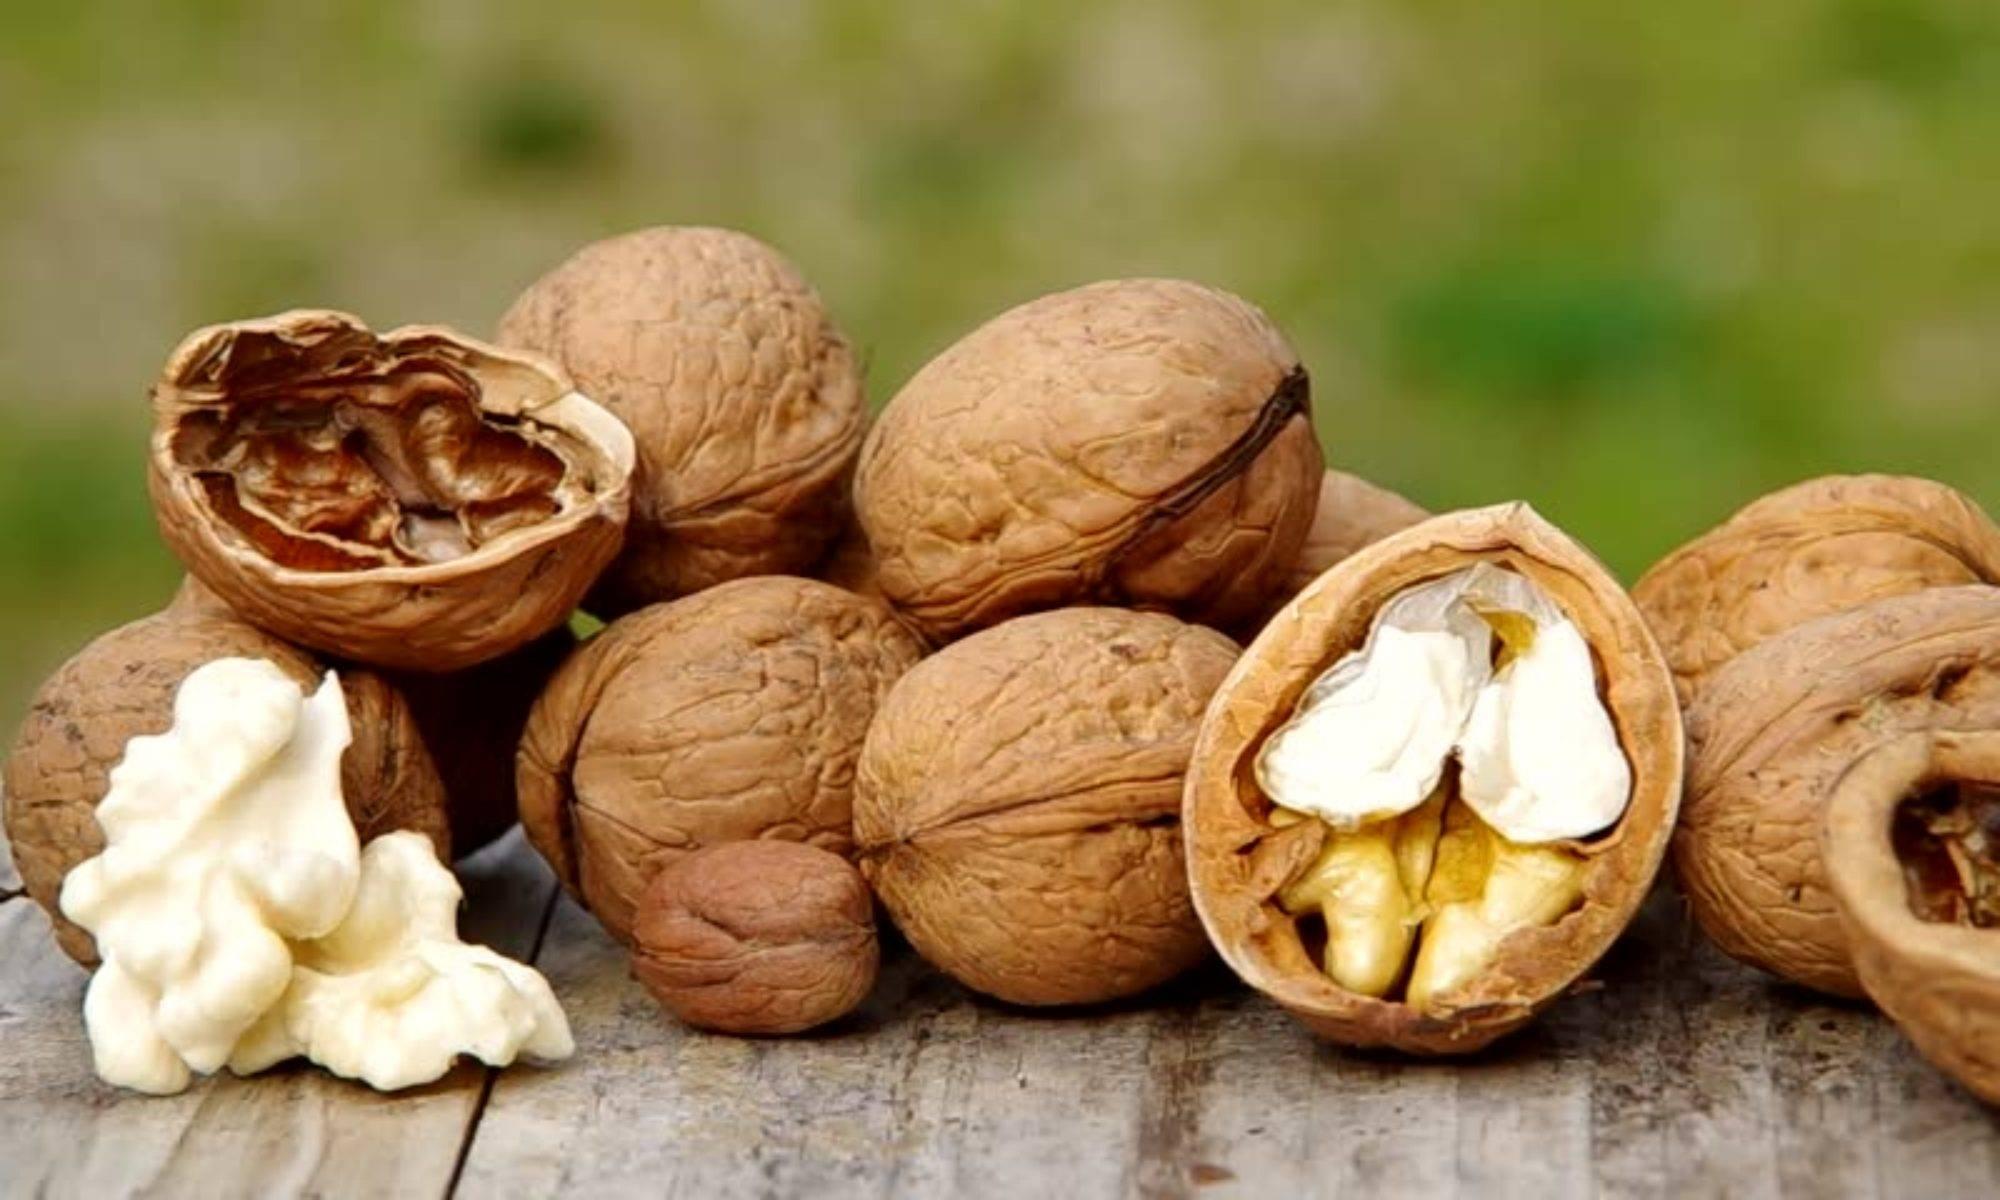 Орехи из чили: качество грецких плодов, описание и особенности сорта, польза и вред, время урожая, и где растут, в чем отличие от наших и аргентинских, какие лучше?